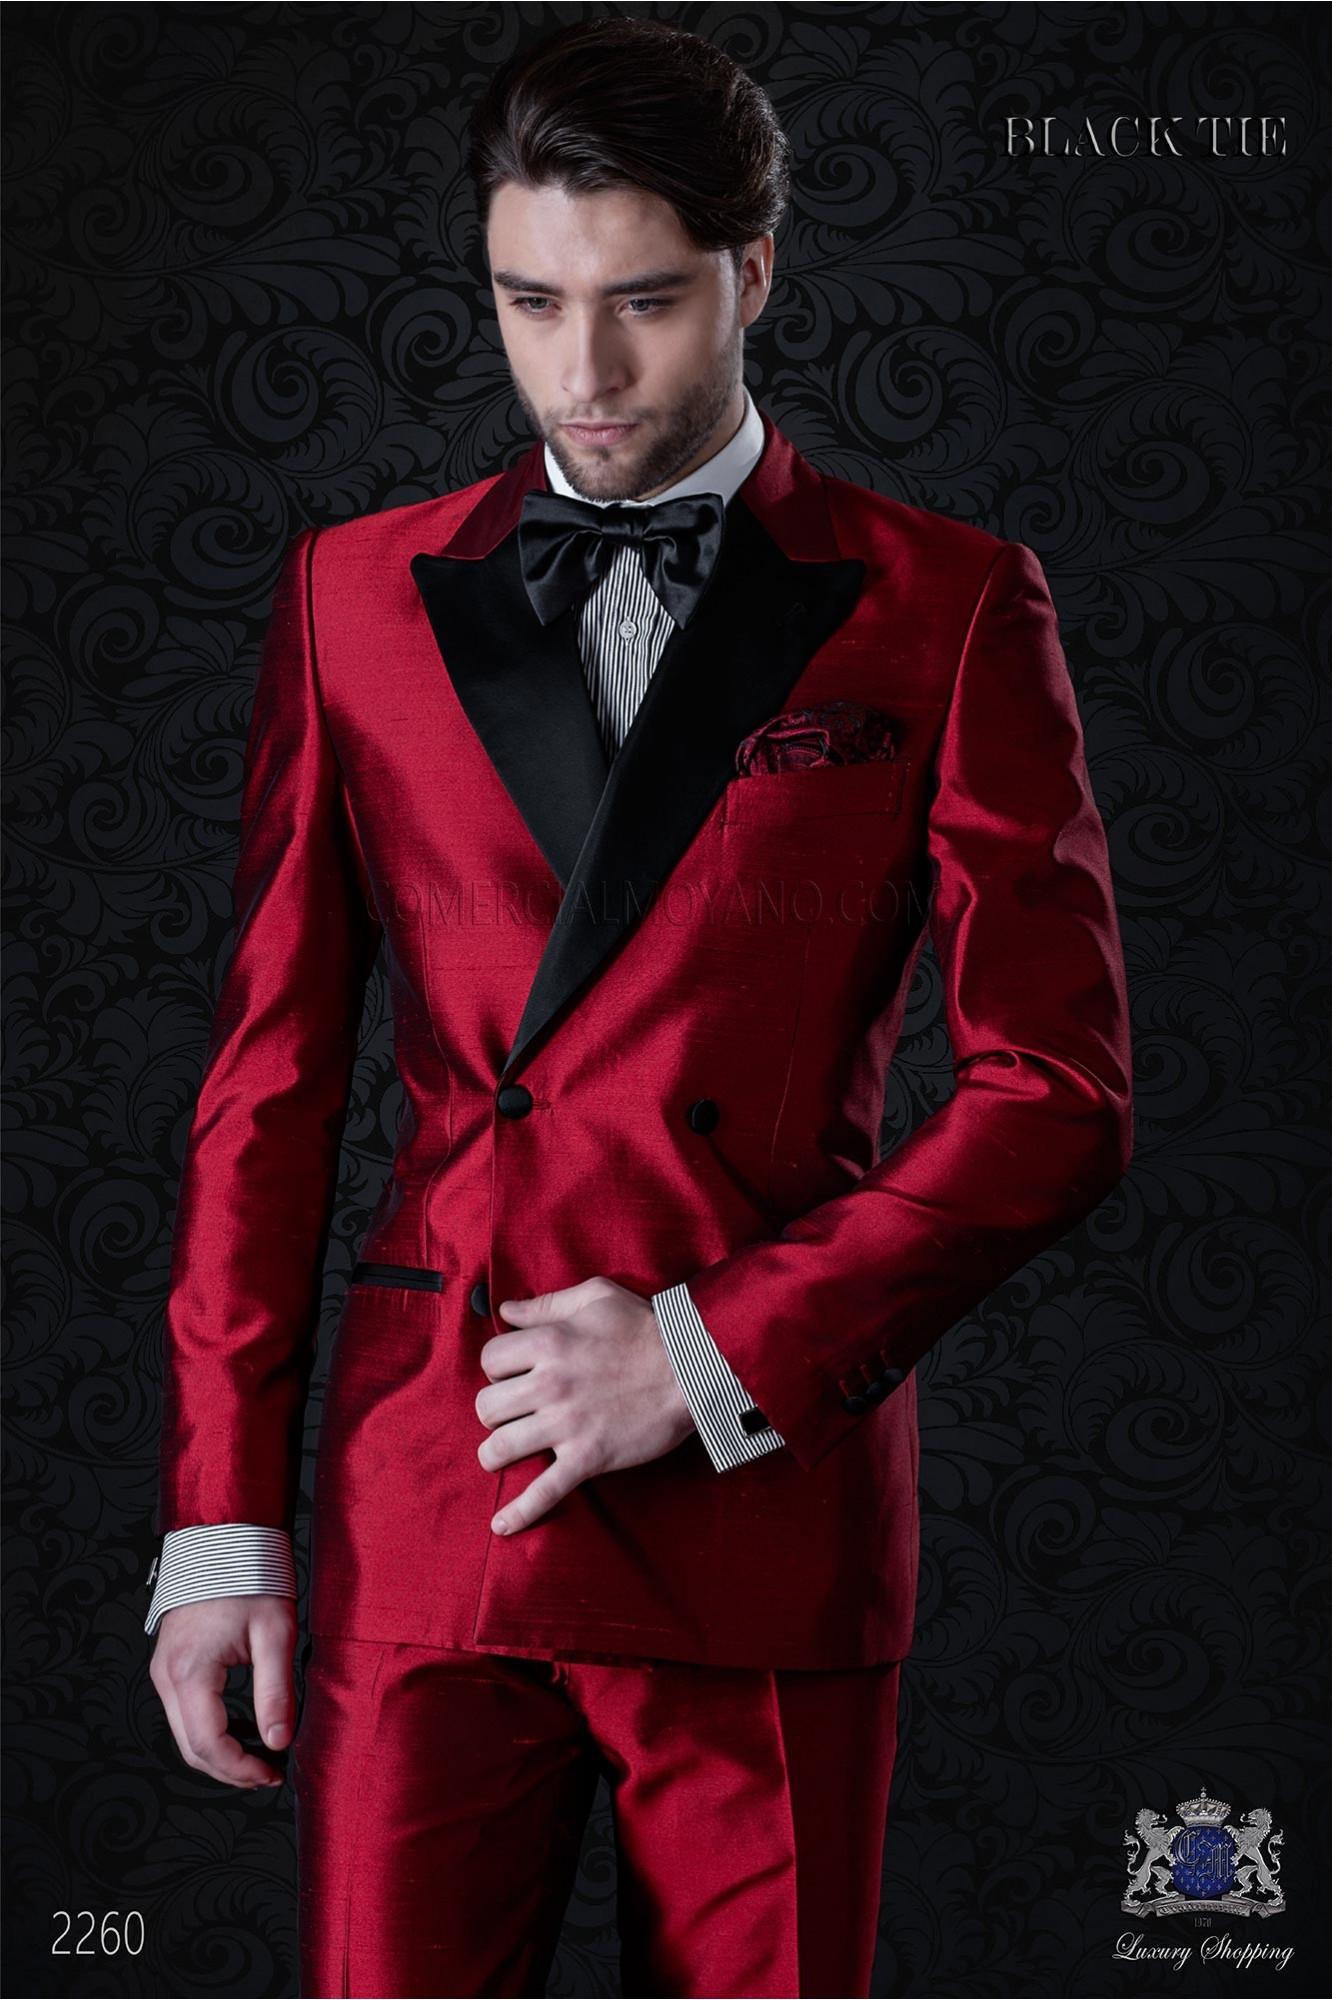 Esmoquin cruzado rojo shantung con solapas de raso.Tejido shantung mixto seda